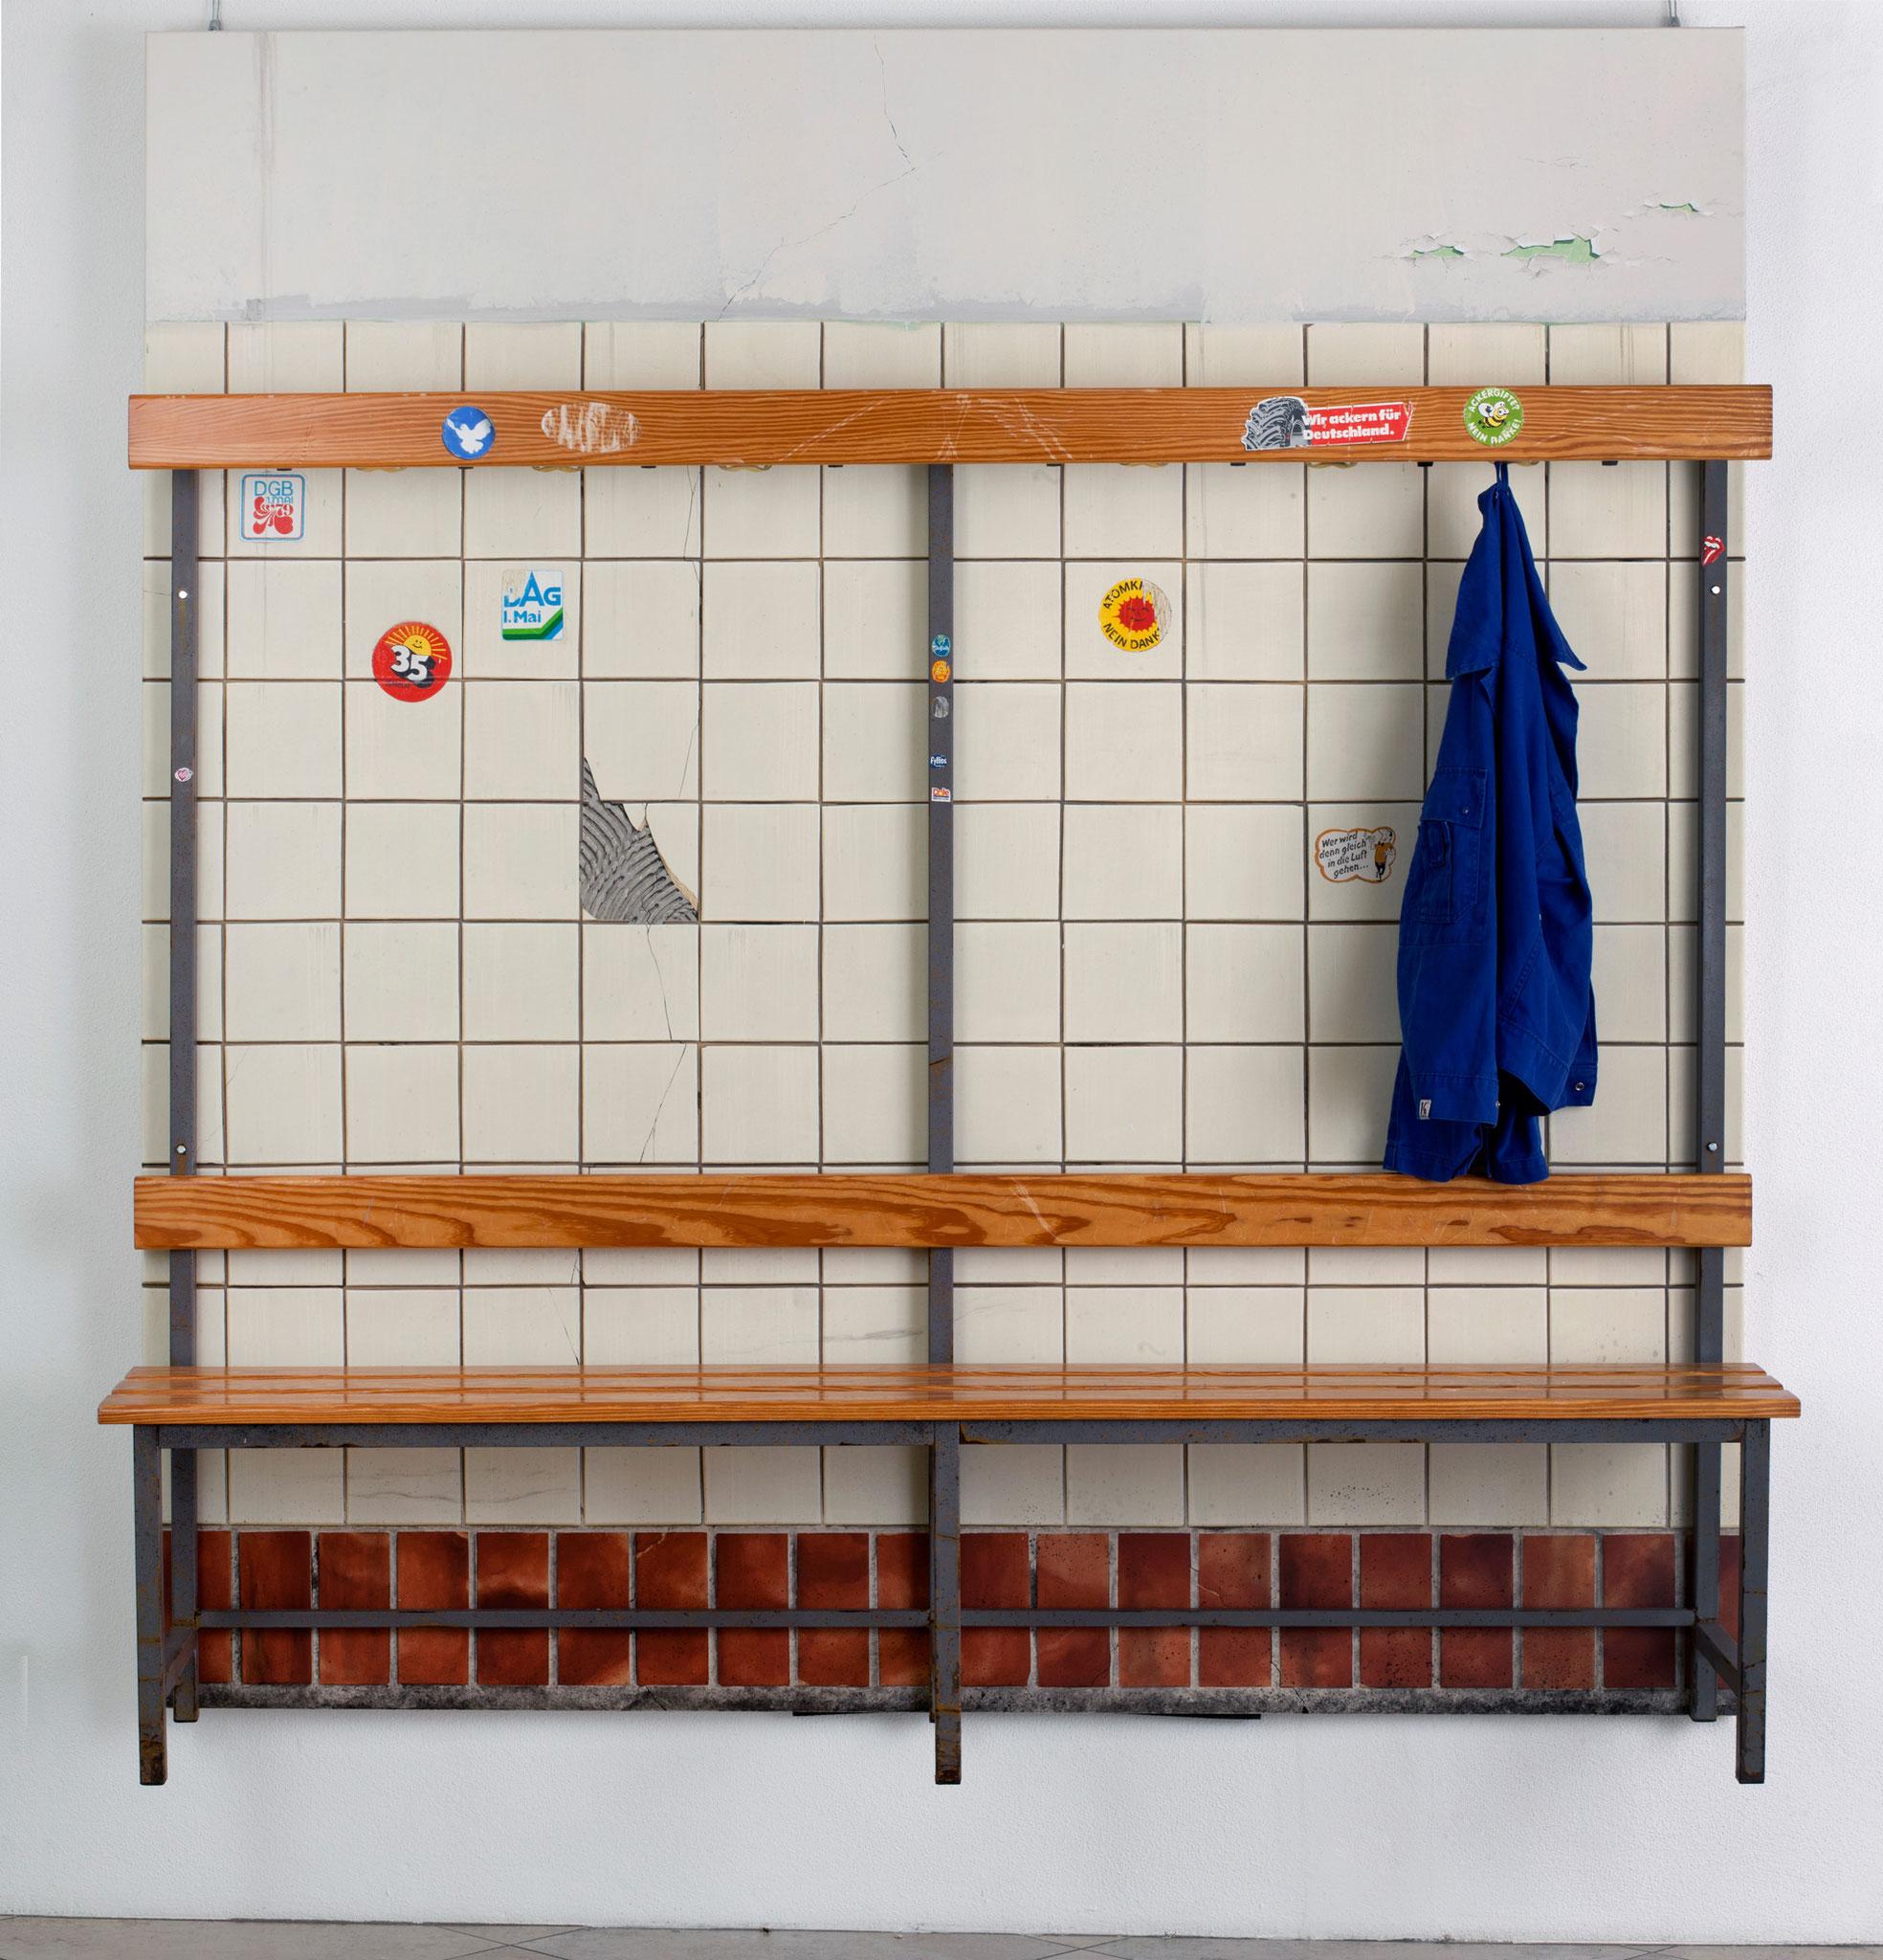 Werkbank, Öl/Acryl auf Leinwand, Sitzbank, 210 x 200 x 45 cm, 2017, Foto: Herbert Stolz